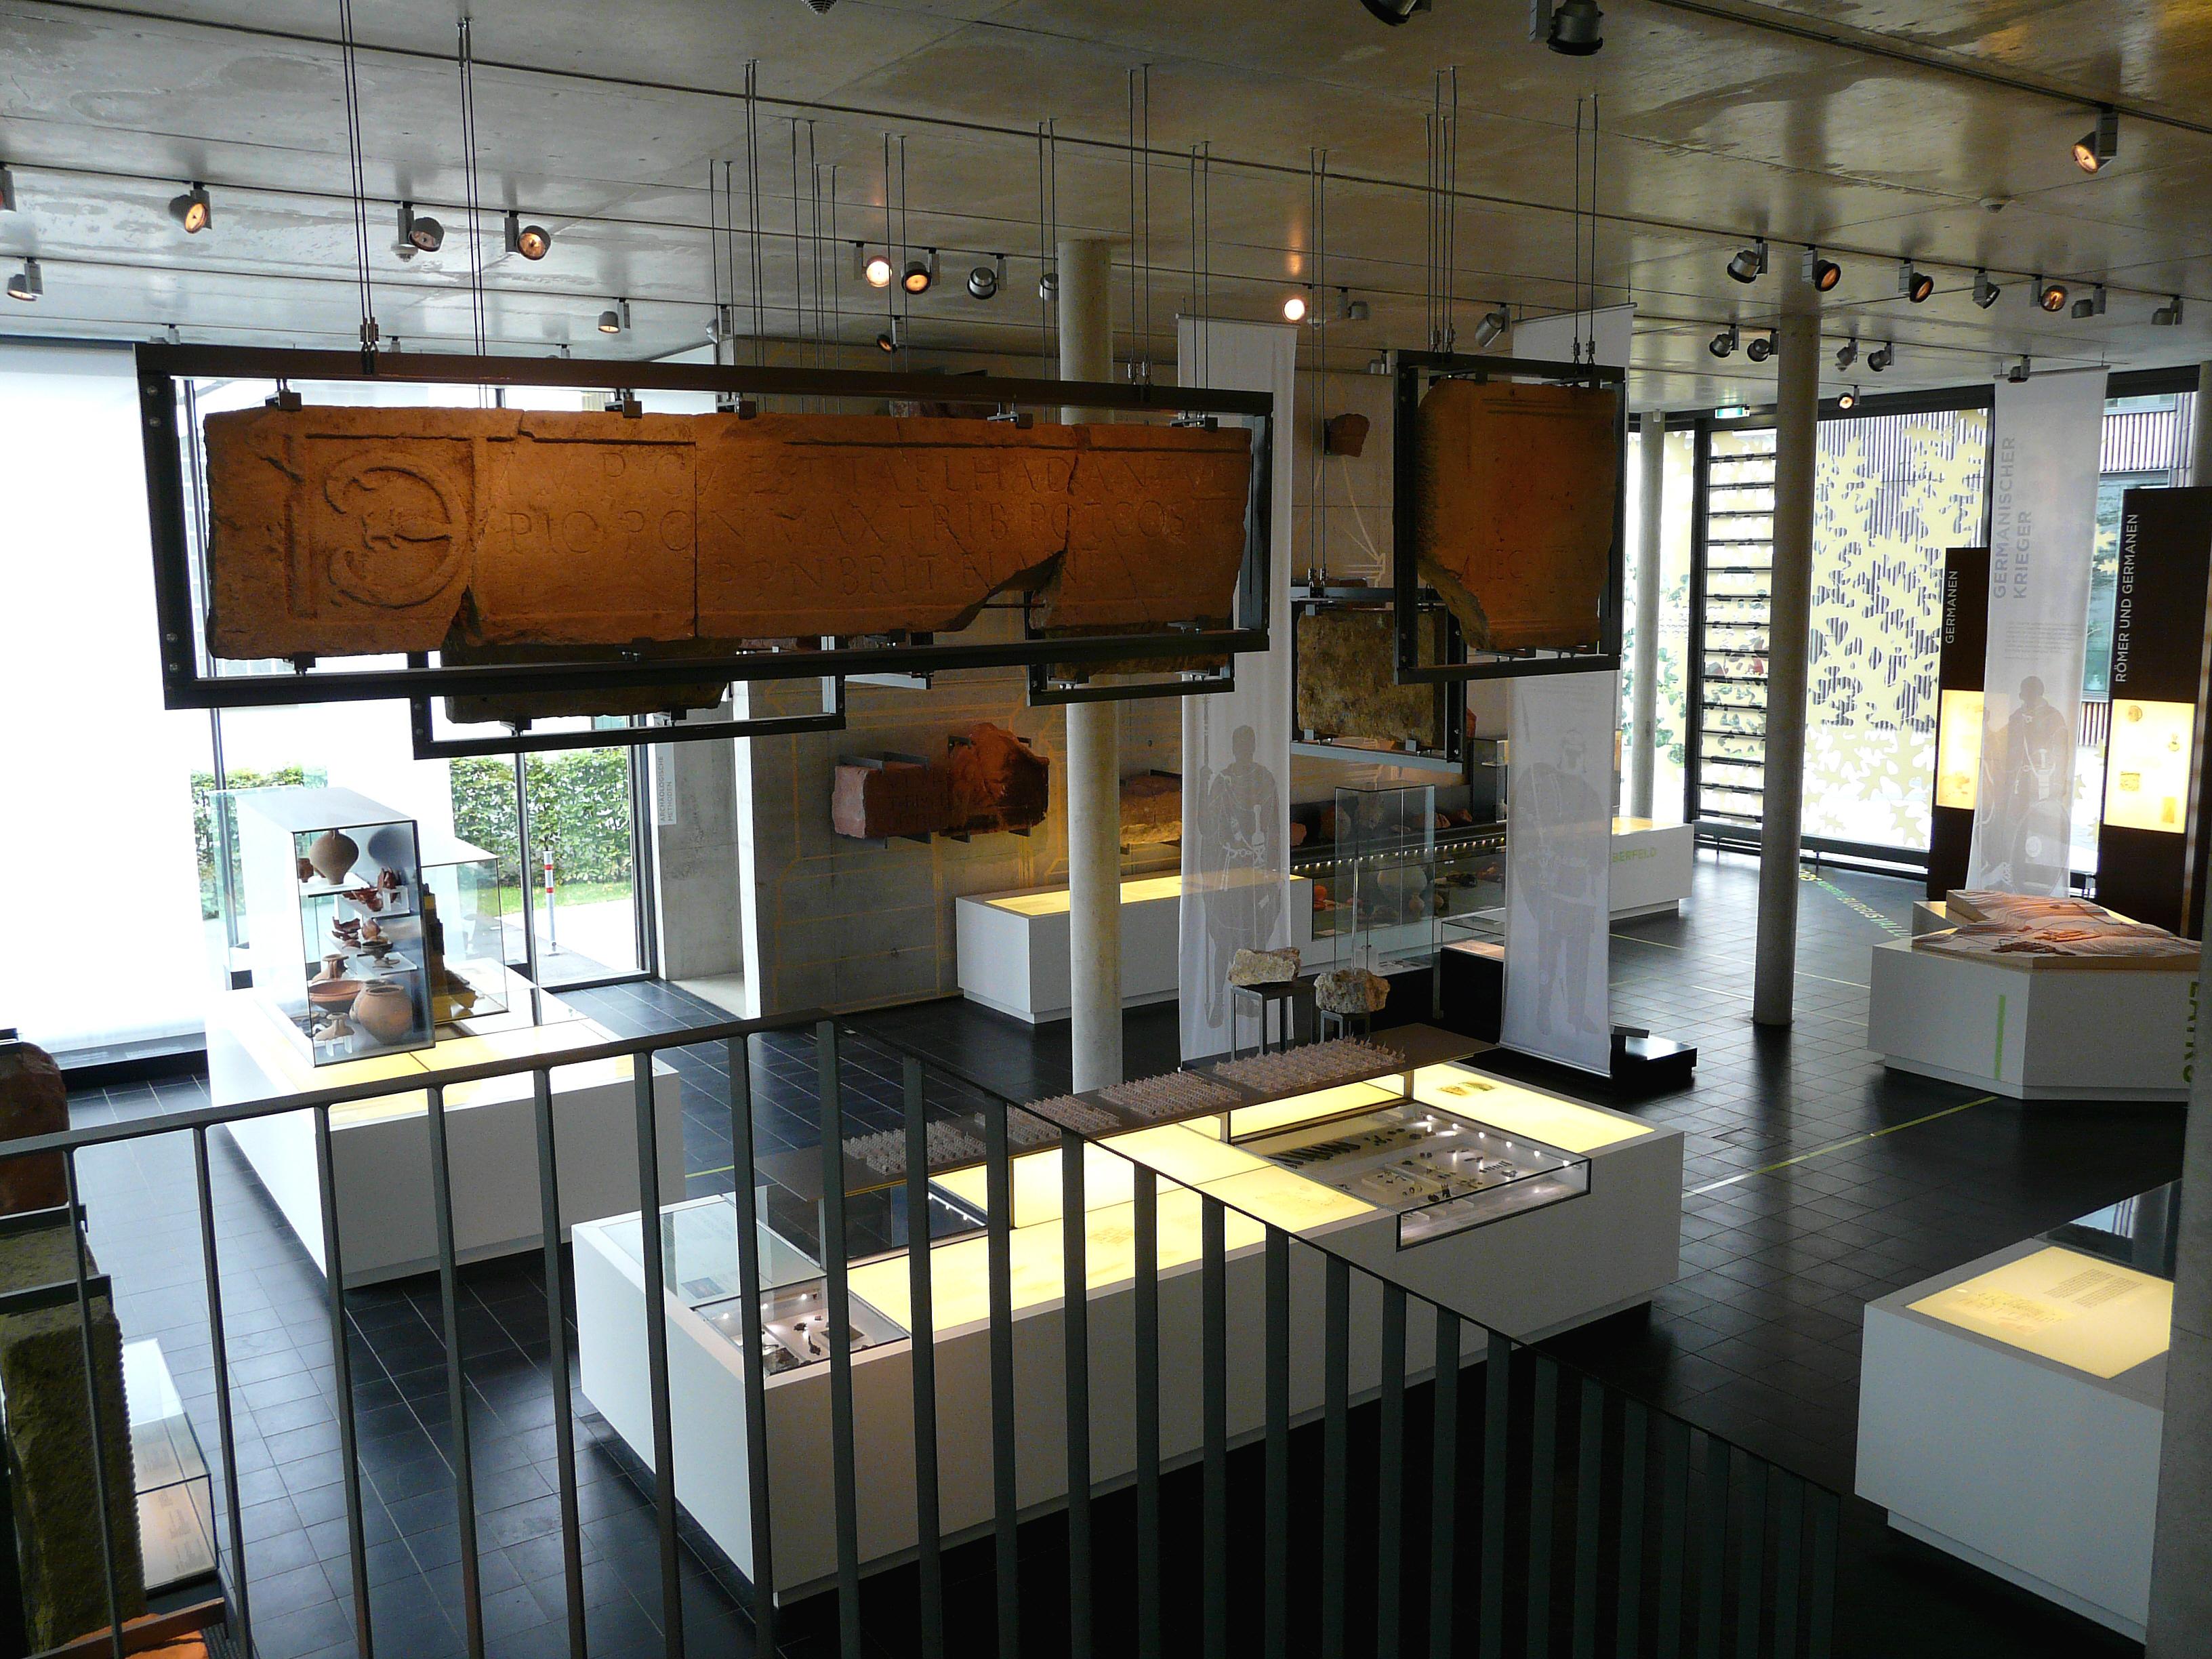 Ausstellungsraum im Erdgeschoss des Römermuseums Osterburken 2009 - Quelle: WikiCommons © Hartmann Linge, Wikimedia Commons, CC-by-sa 3.0